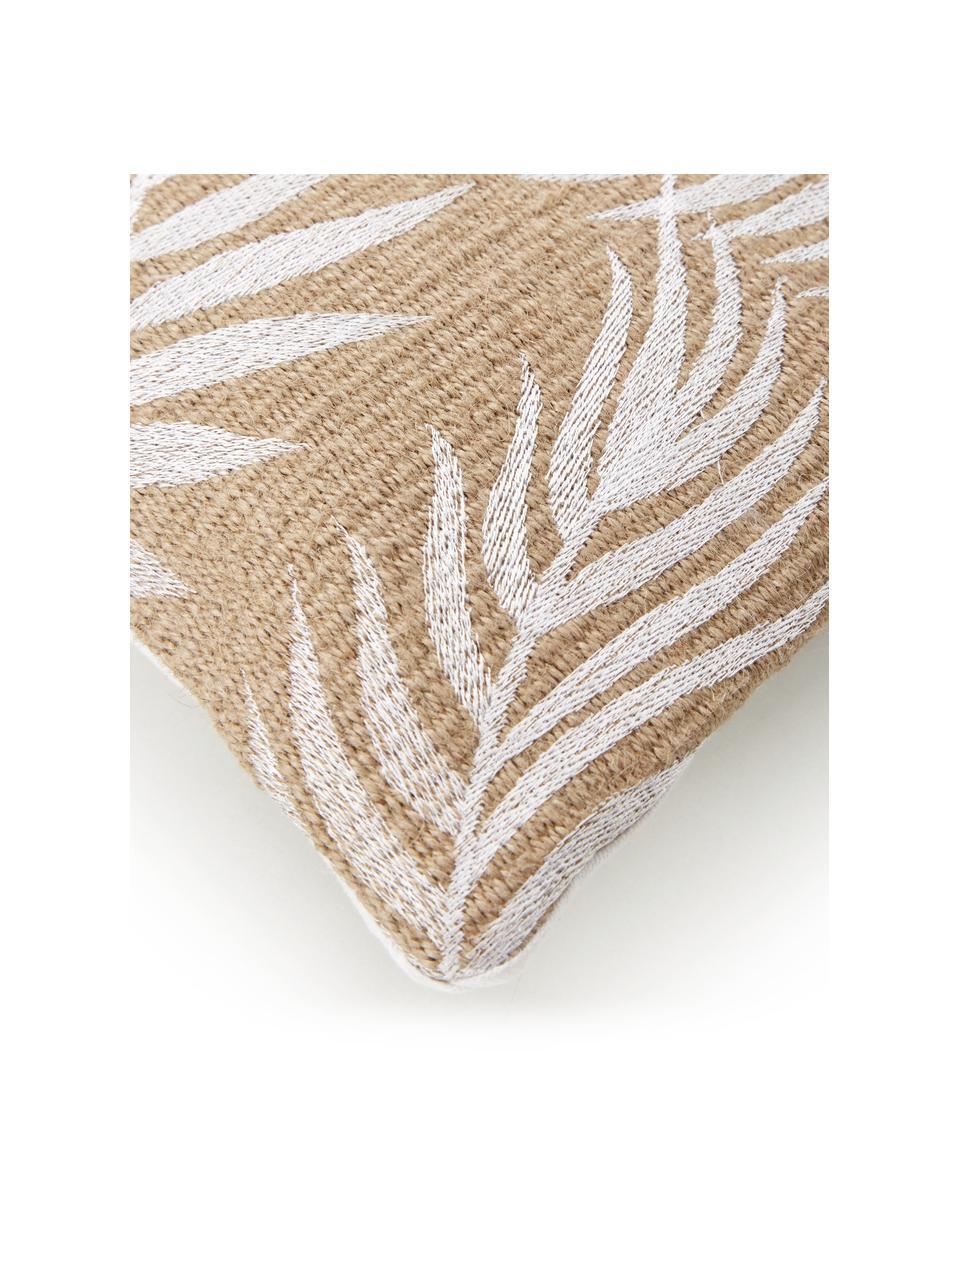 Jute-Kissenhülle Danielle mit Palmenblattmotiven, Vorderseite: 100% Jute, Rückseite: 100% Baumwolle, Beige,Weiß, 40 x 40 cm